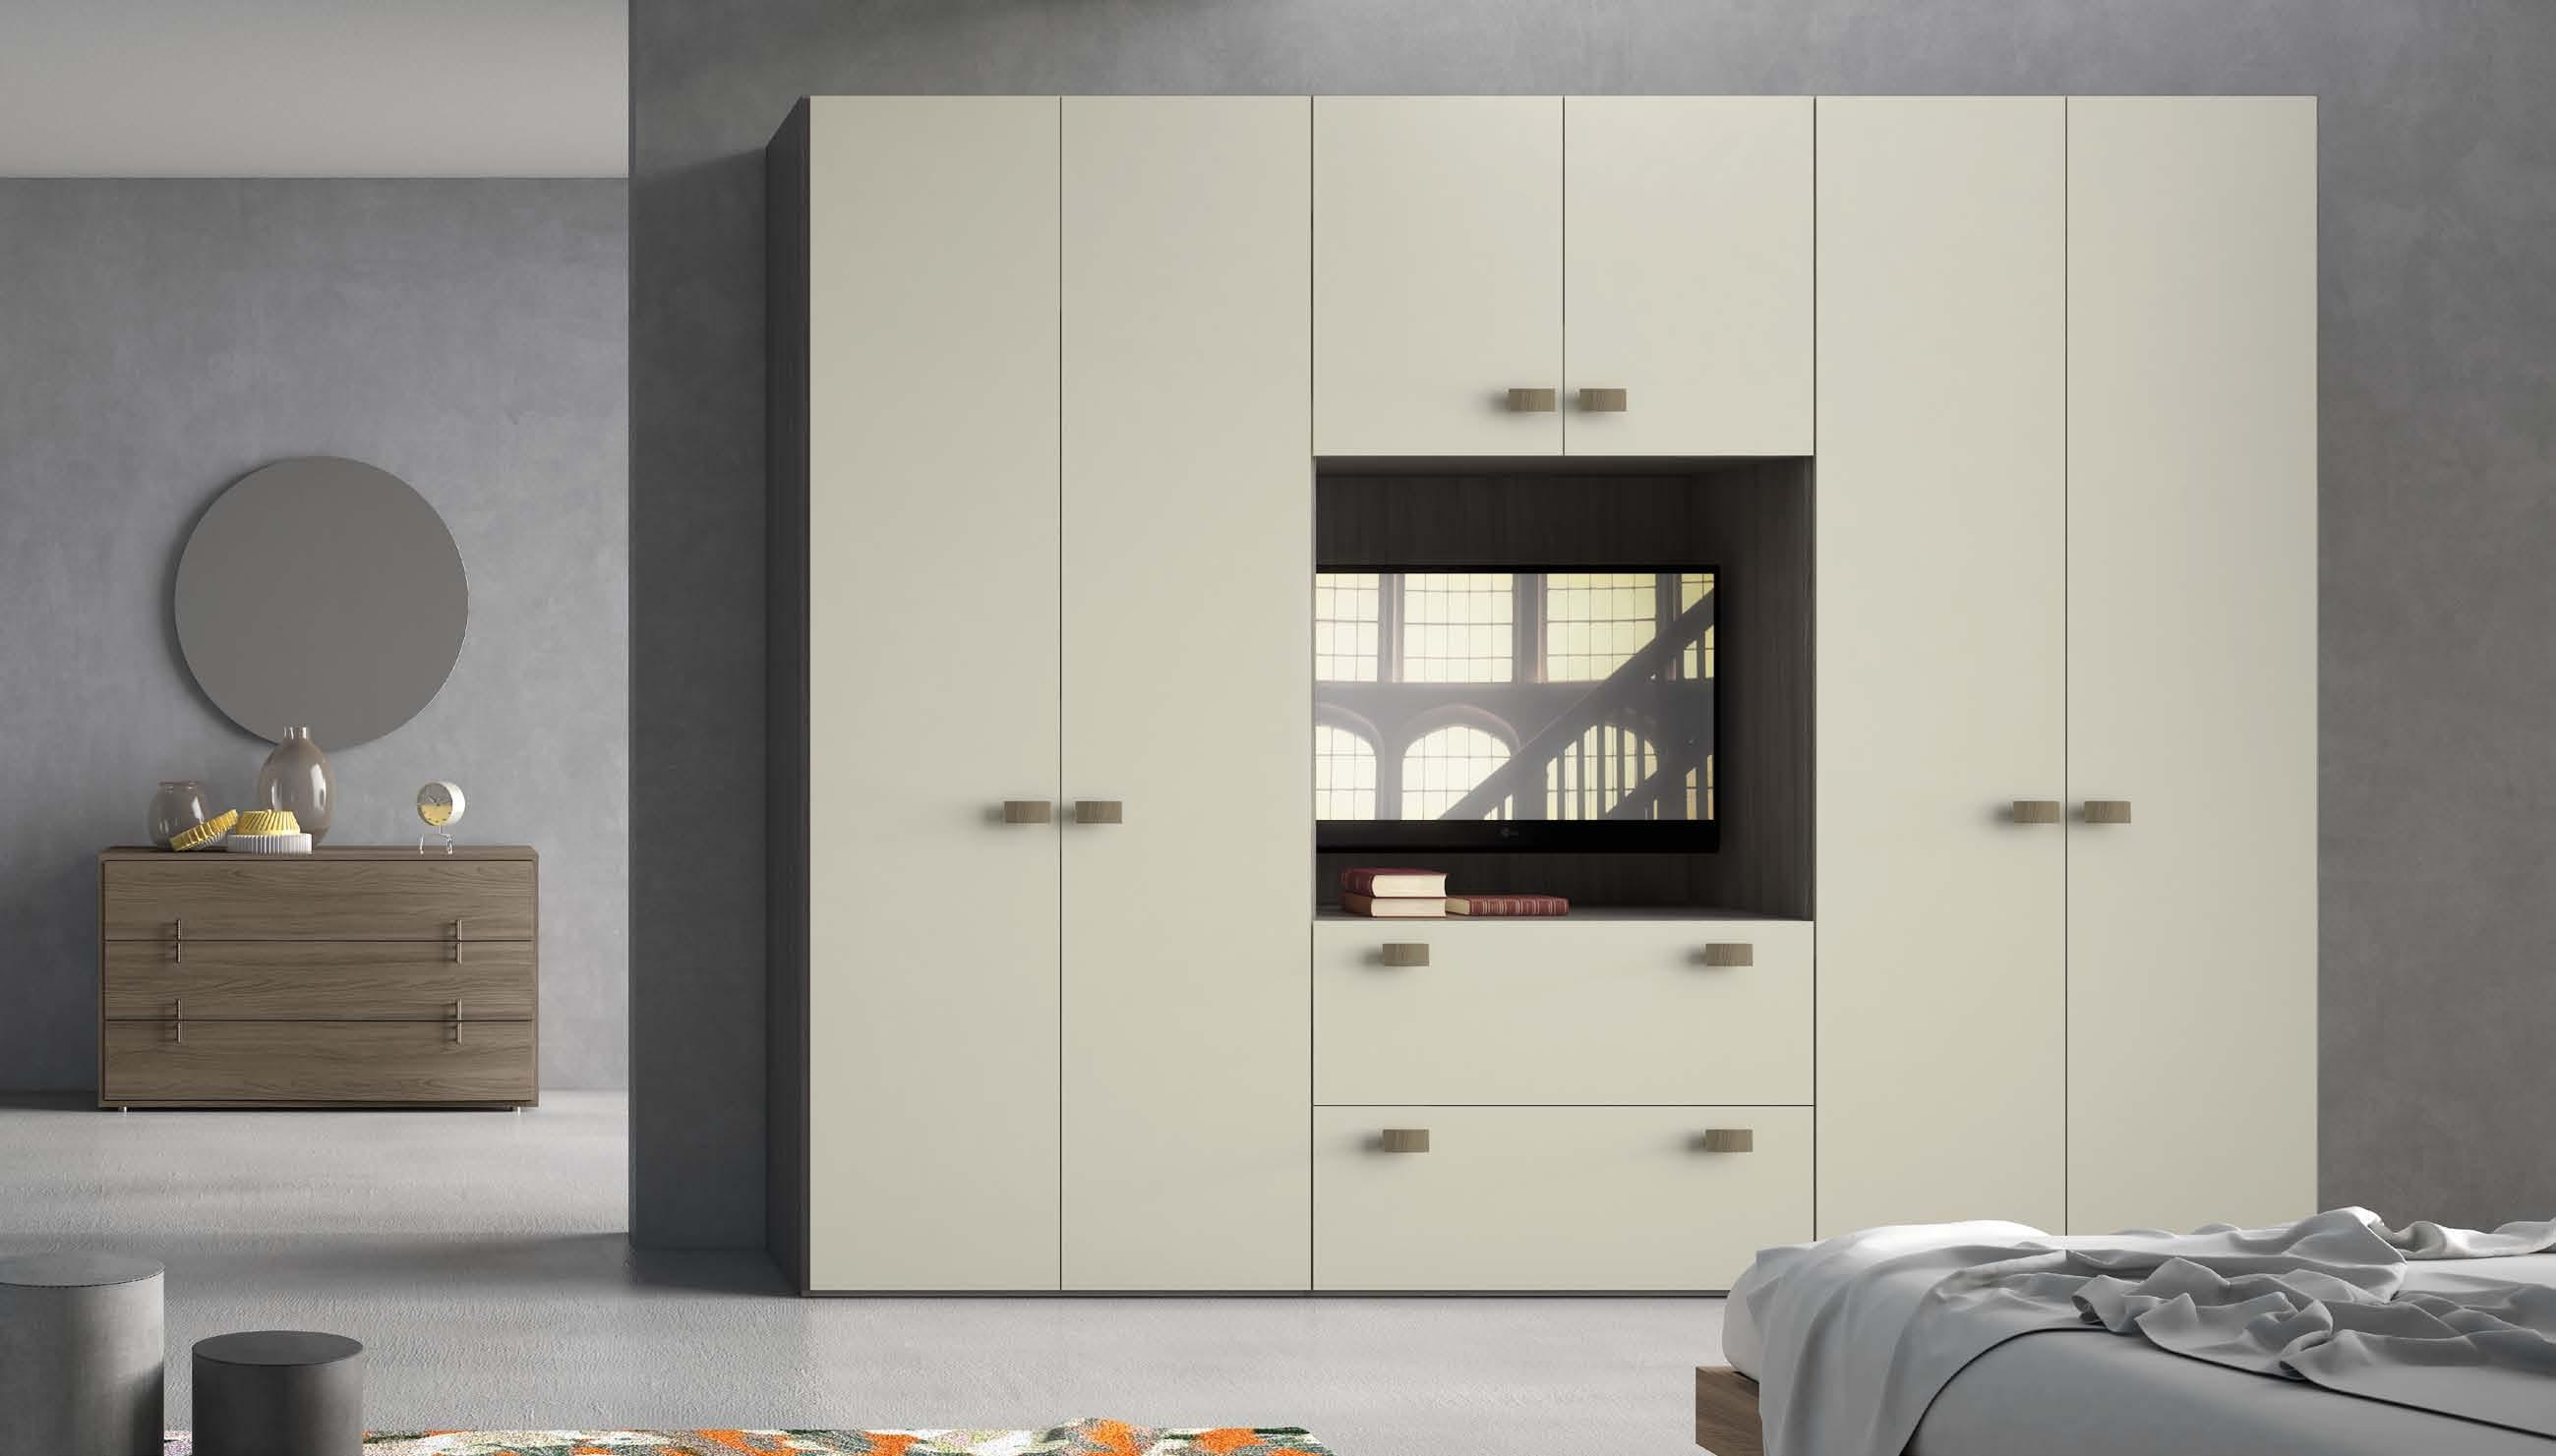 Ikea armadio con specchio idea d 39 immagine di decorazione for Brimnes guardaroba